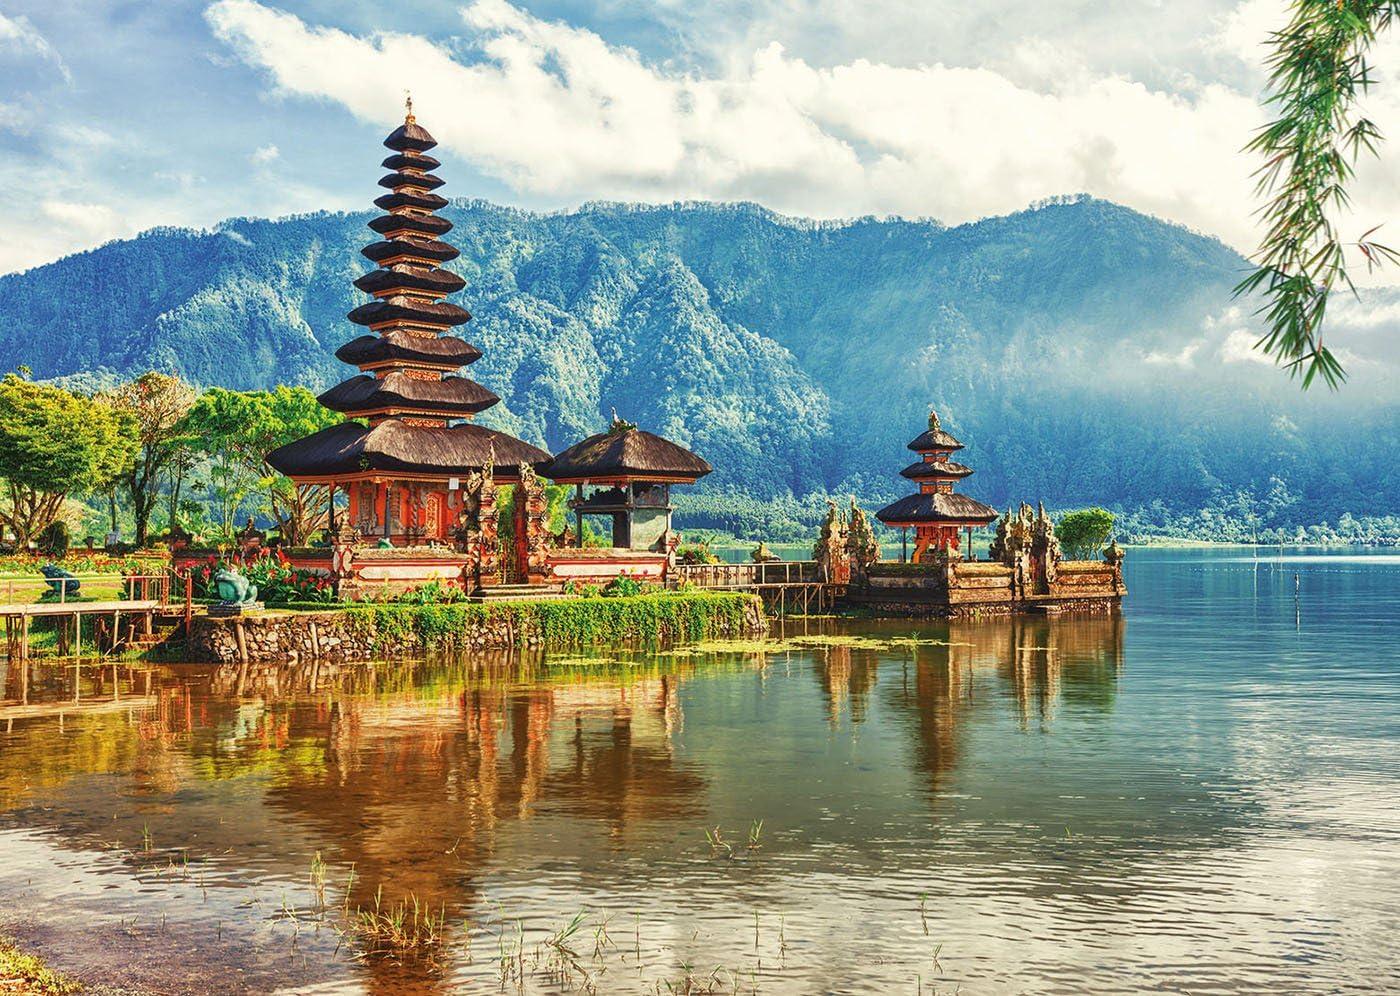 Bali Indonesia Educa 17674/2000/Ulun Danu Temple